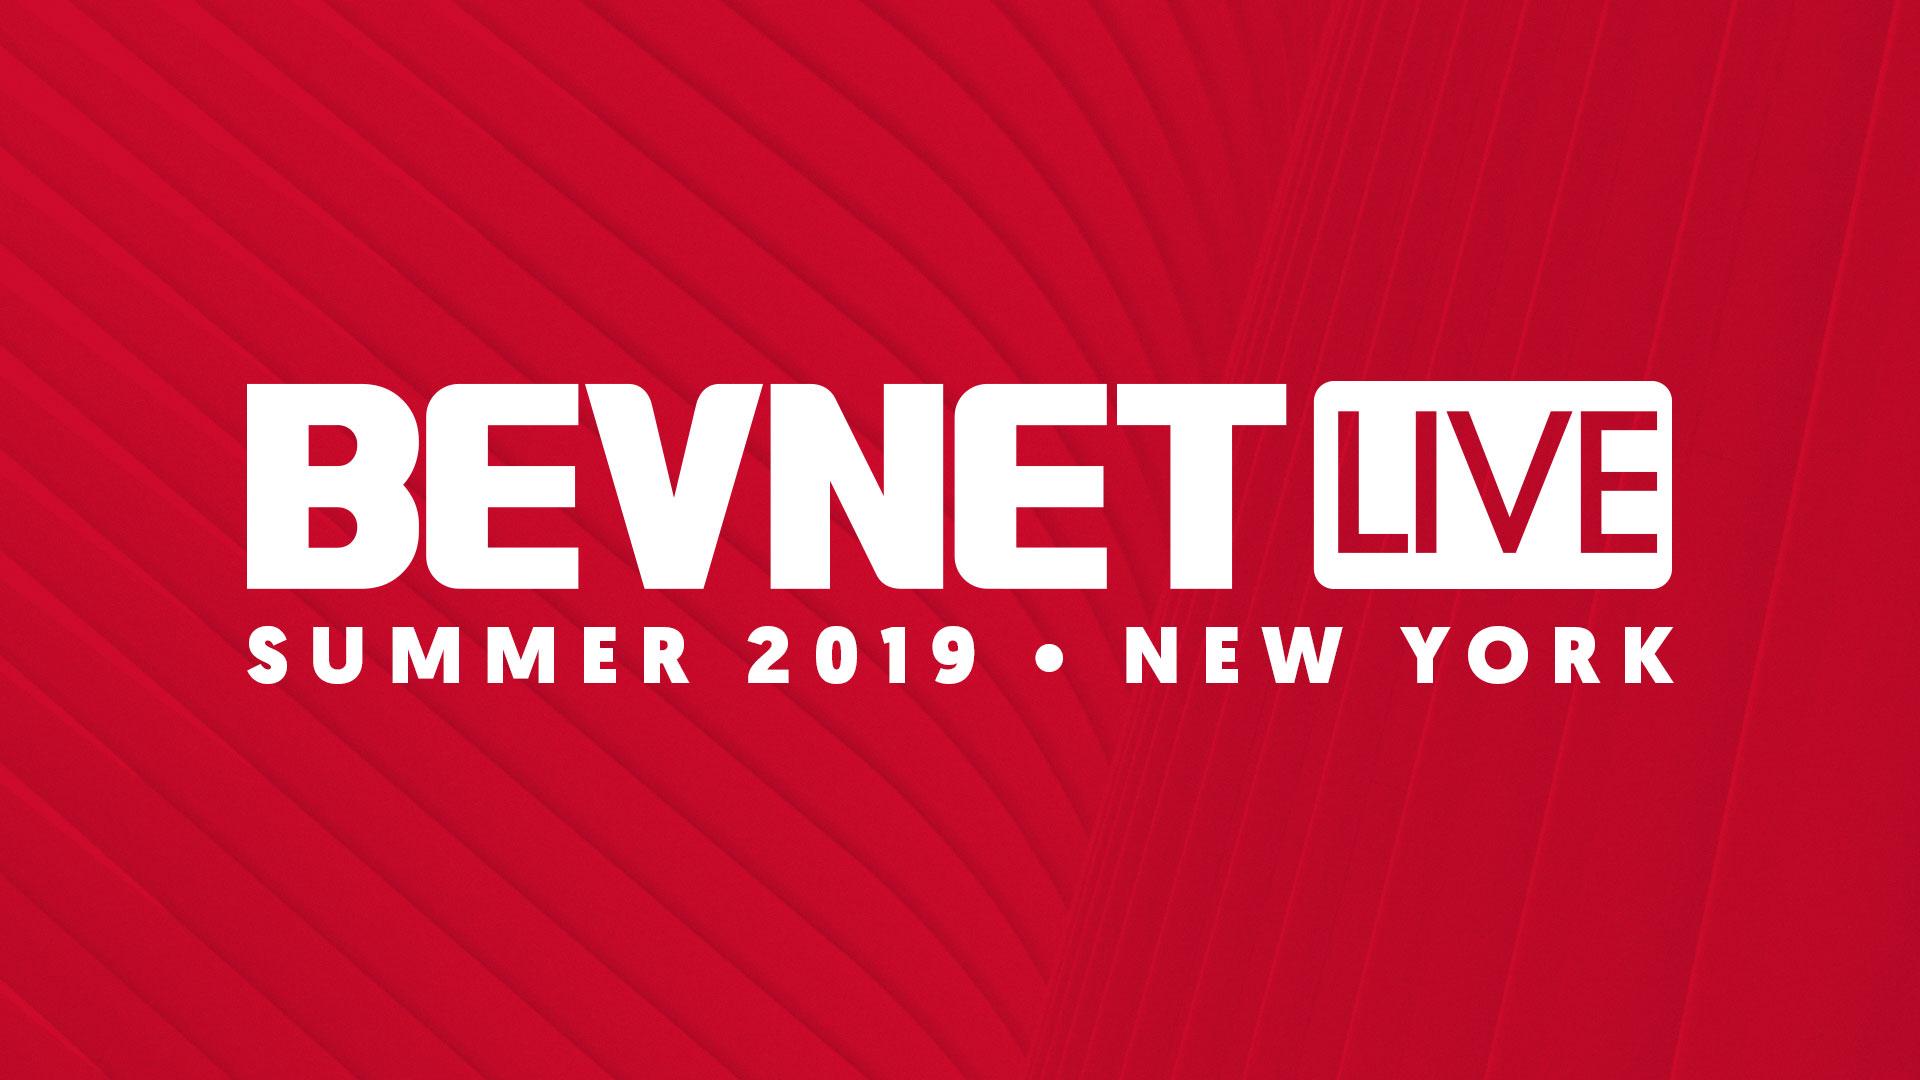 BevNET Live Summer 2019